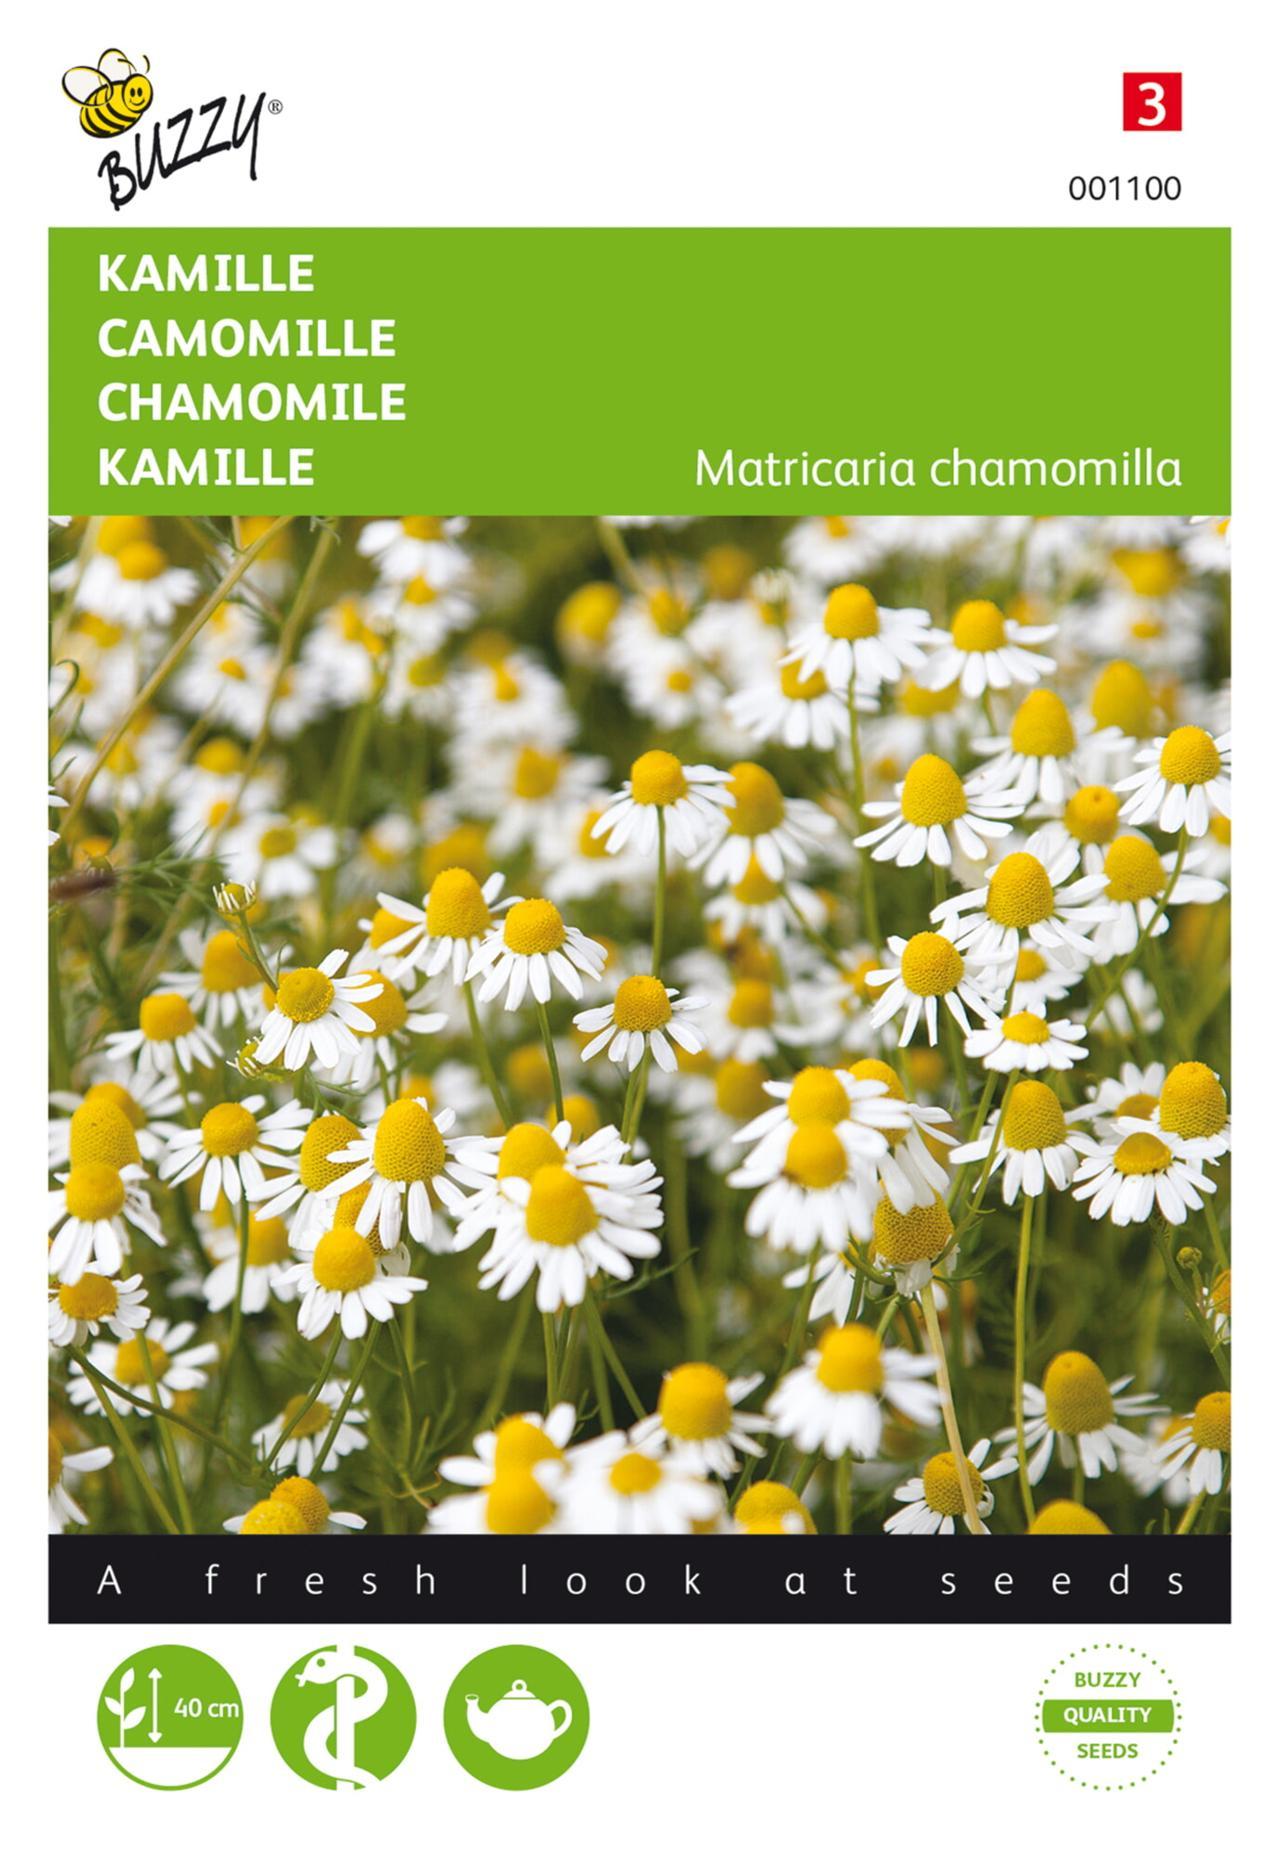 Matricaria chamomilla plant